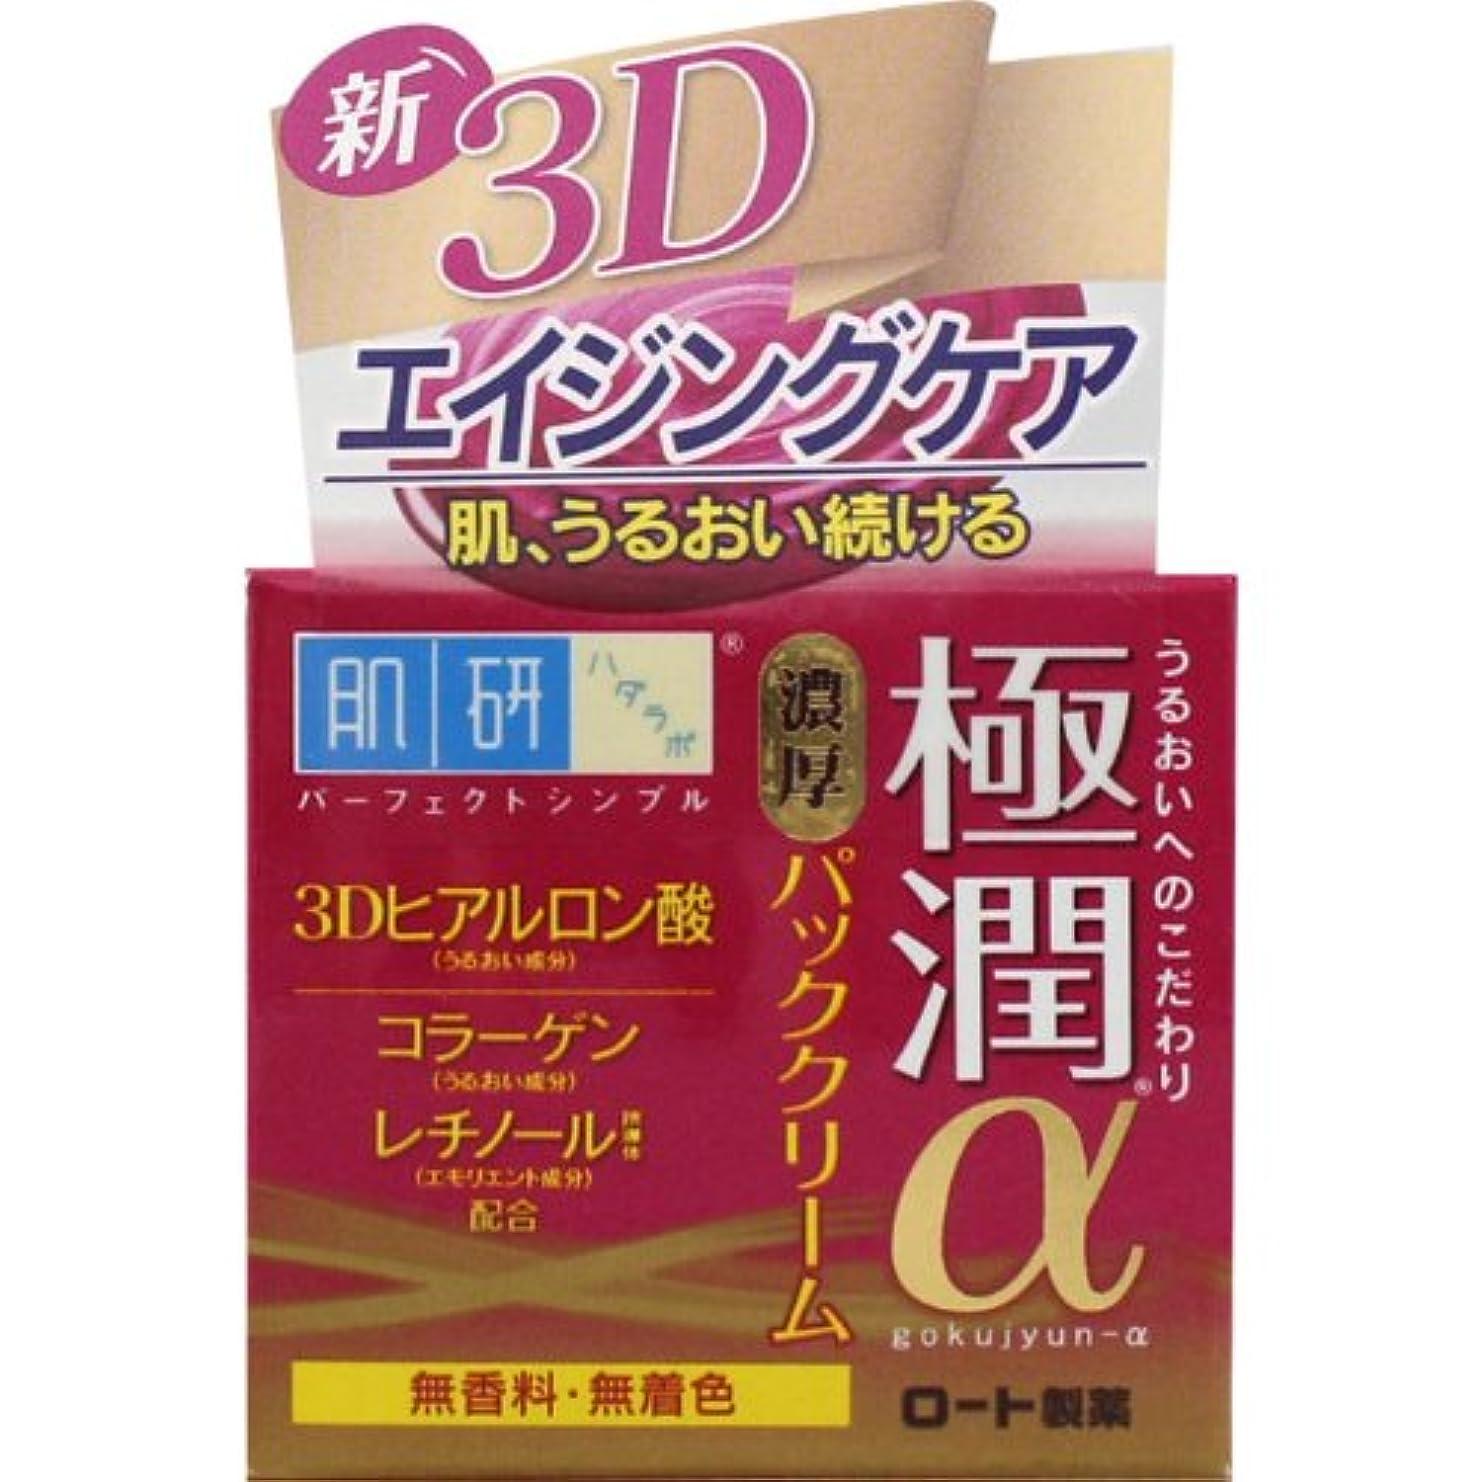 失礼な呼びかける彼の肌研(ハダラボ) 極潤 αパッククリーム 50g